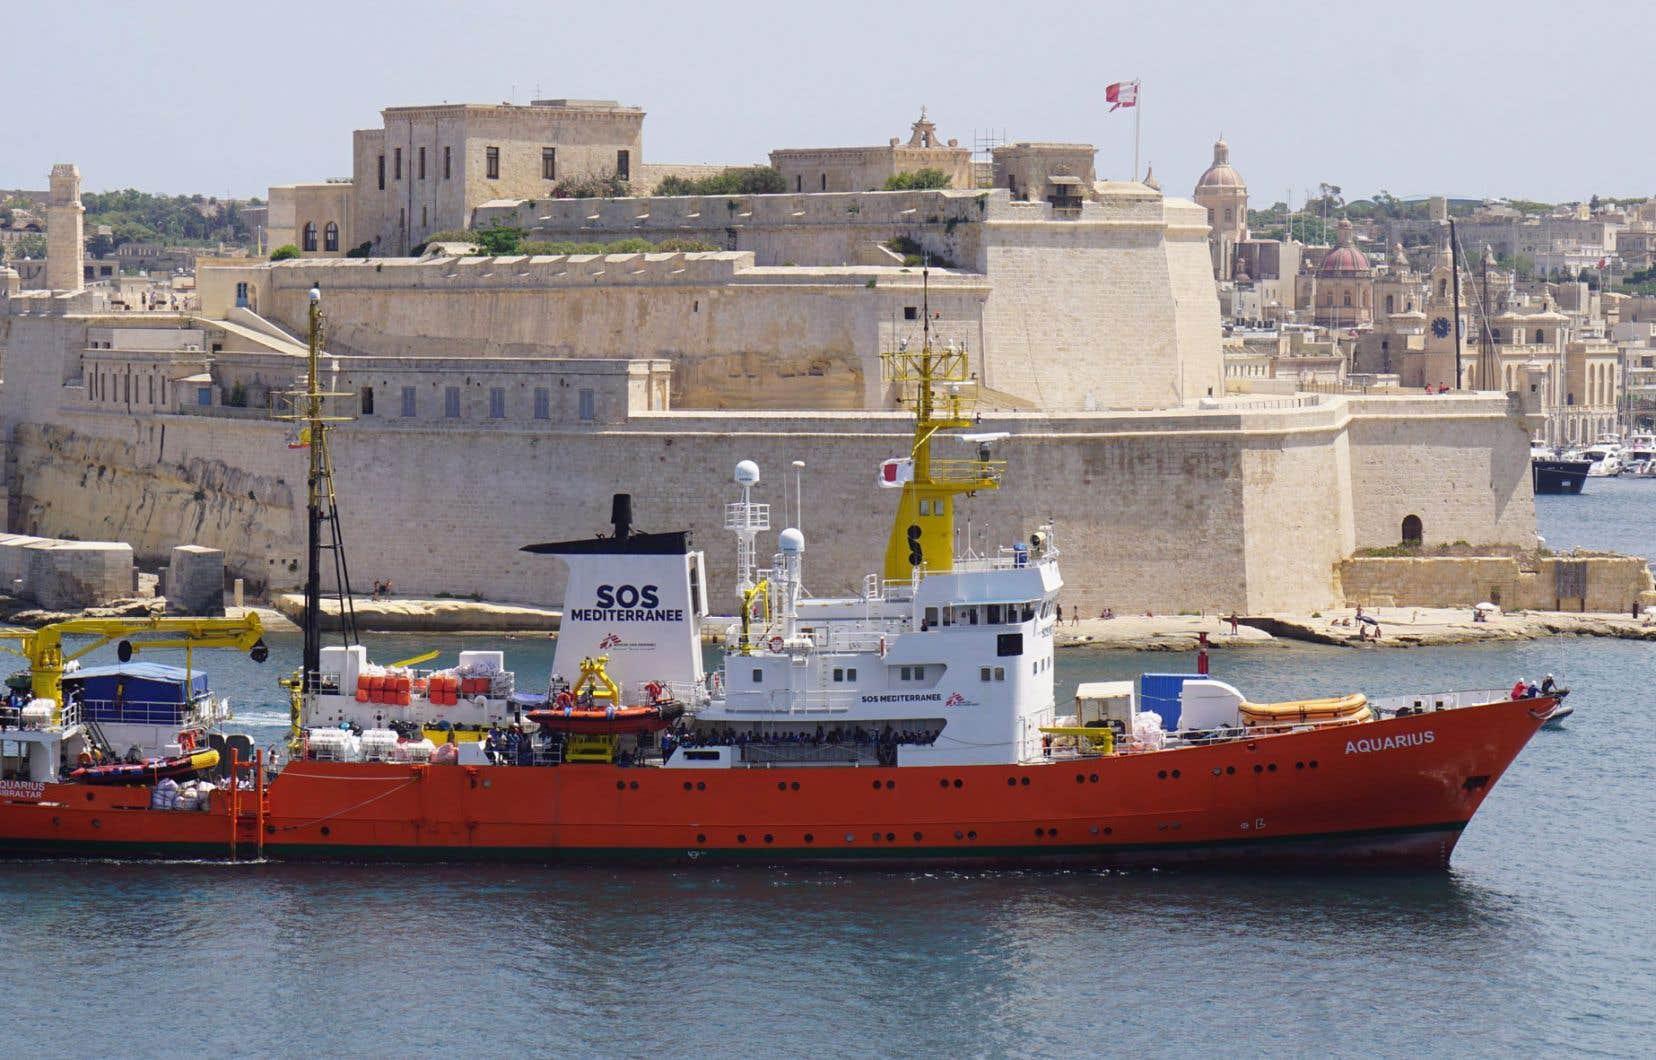 L'«Aquarius» dans le port de Malte, en août dernier